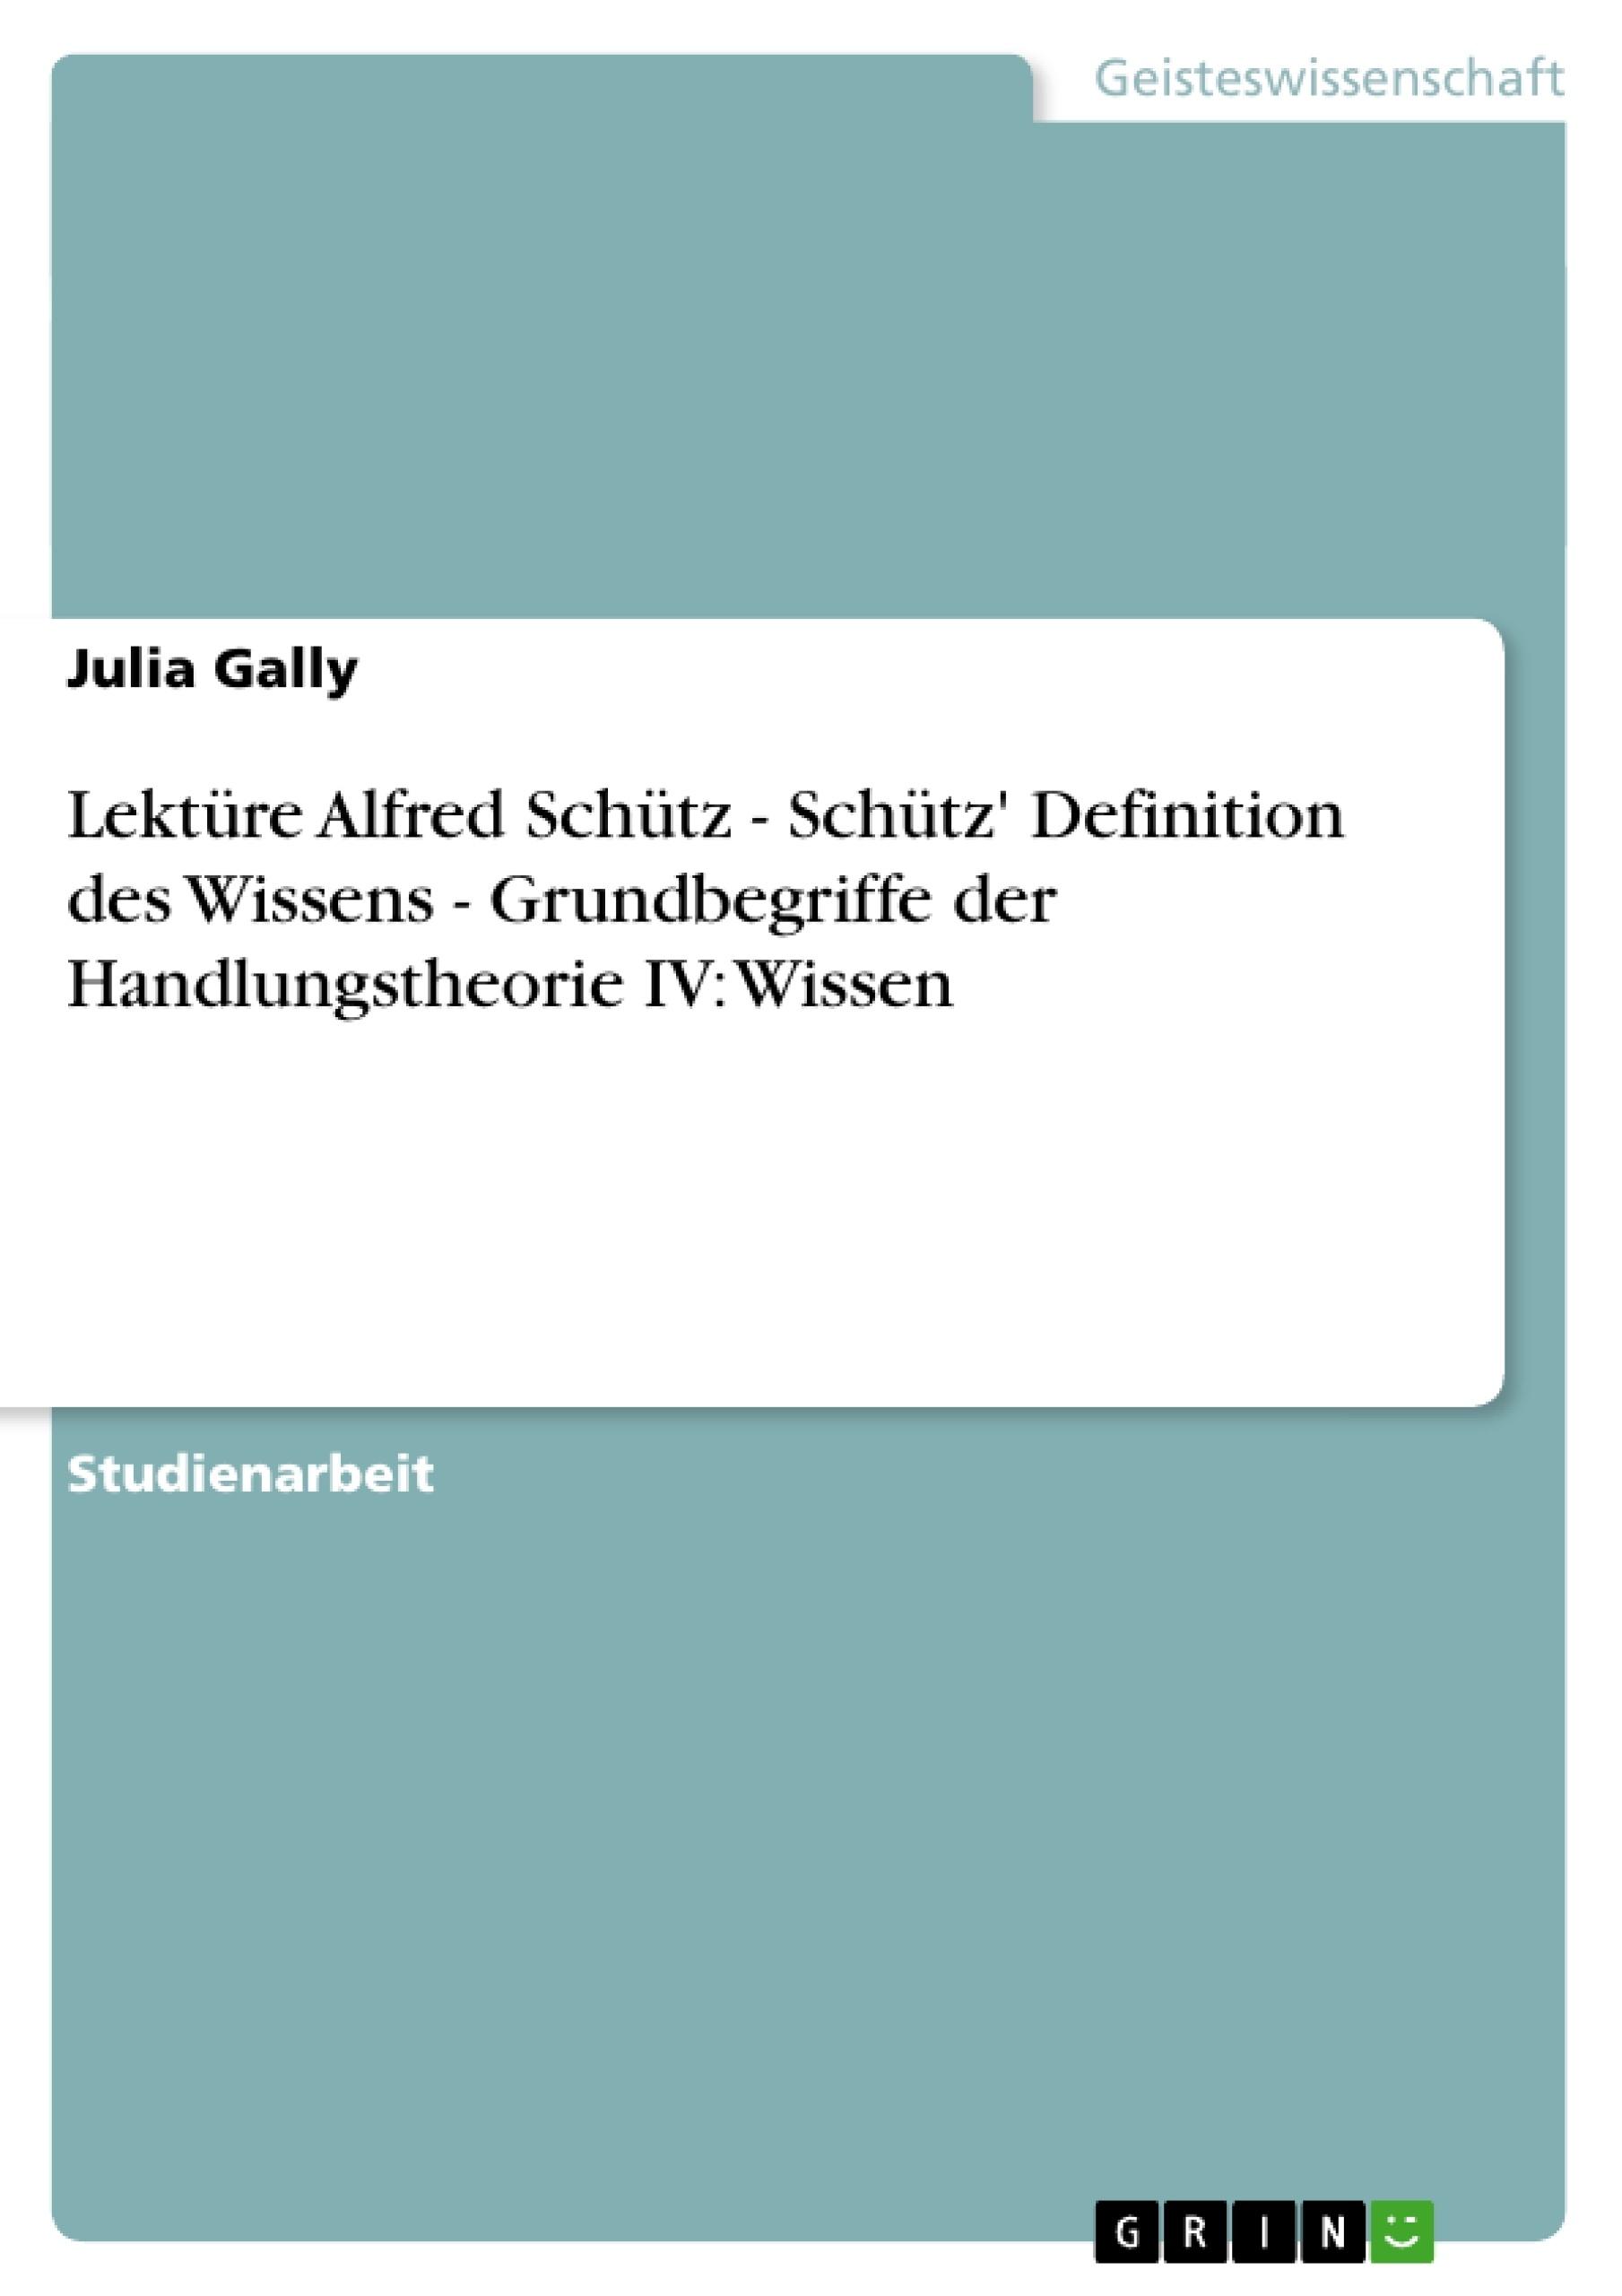 Titel: Lektüre Alfred Schütz   -  Schütz' Definition des Wissens -  Grundbegriffe der Handlungstheorie IV: Wissen